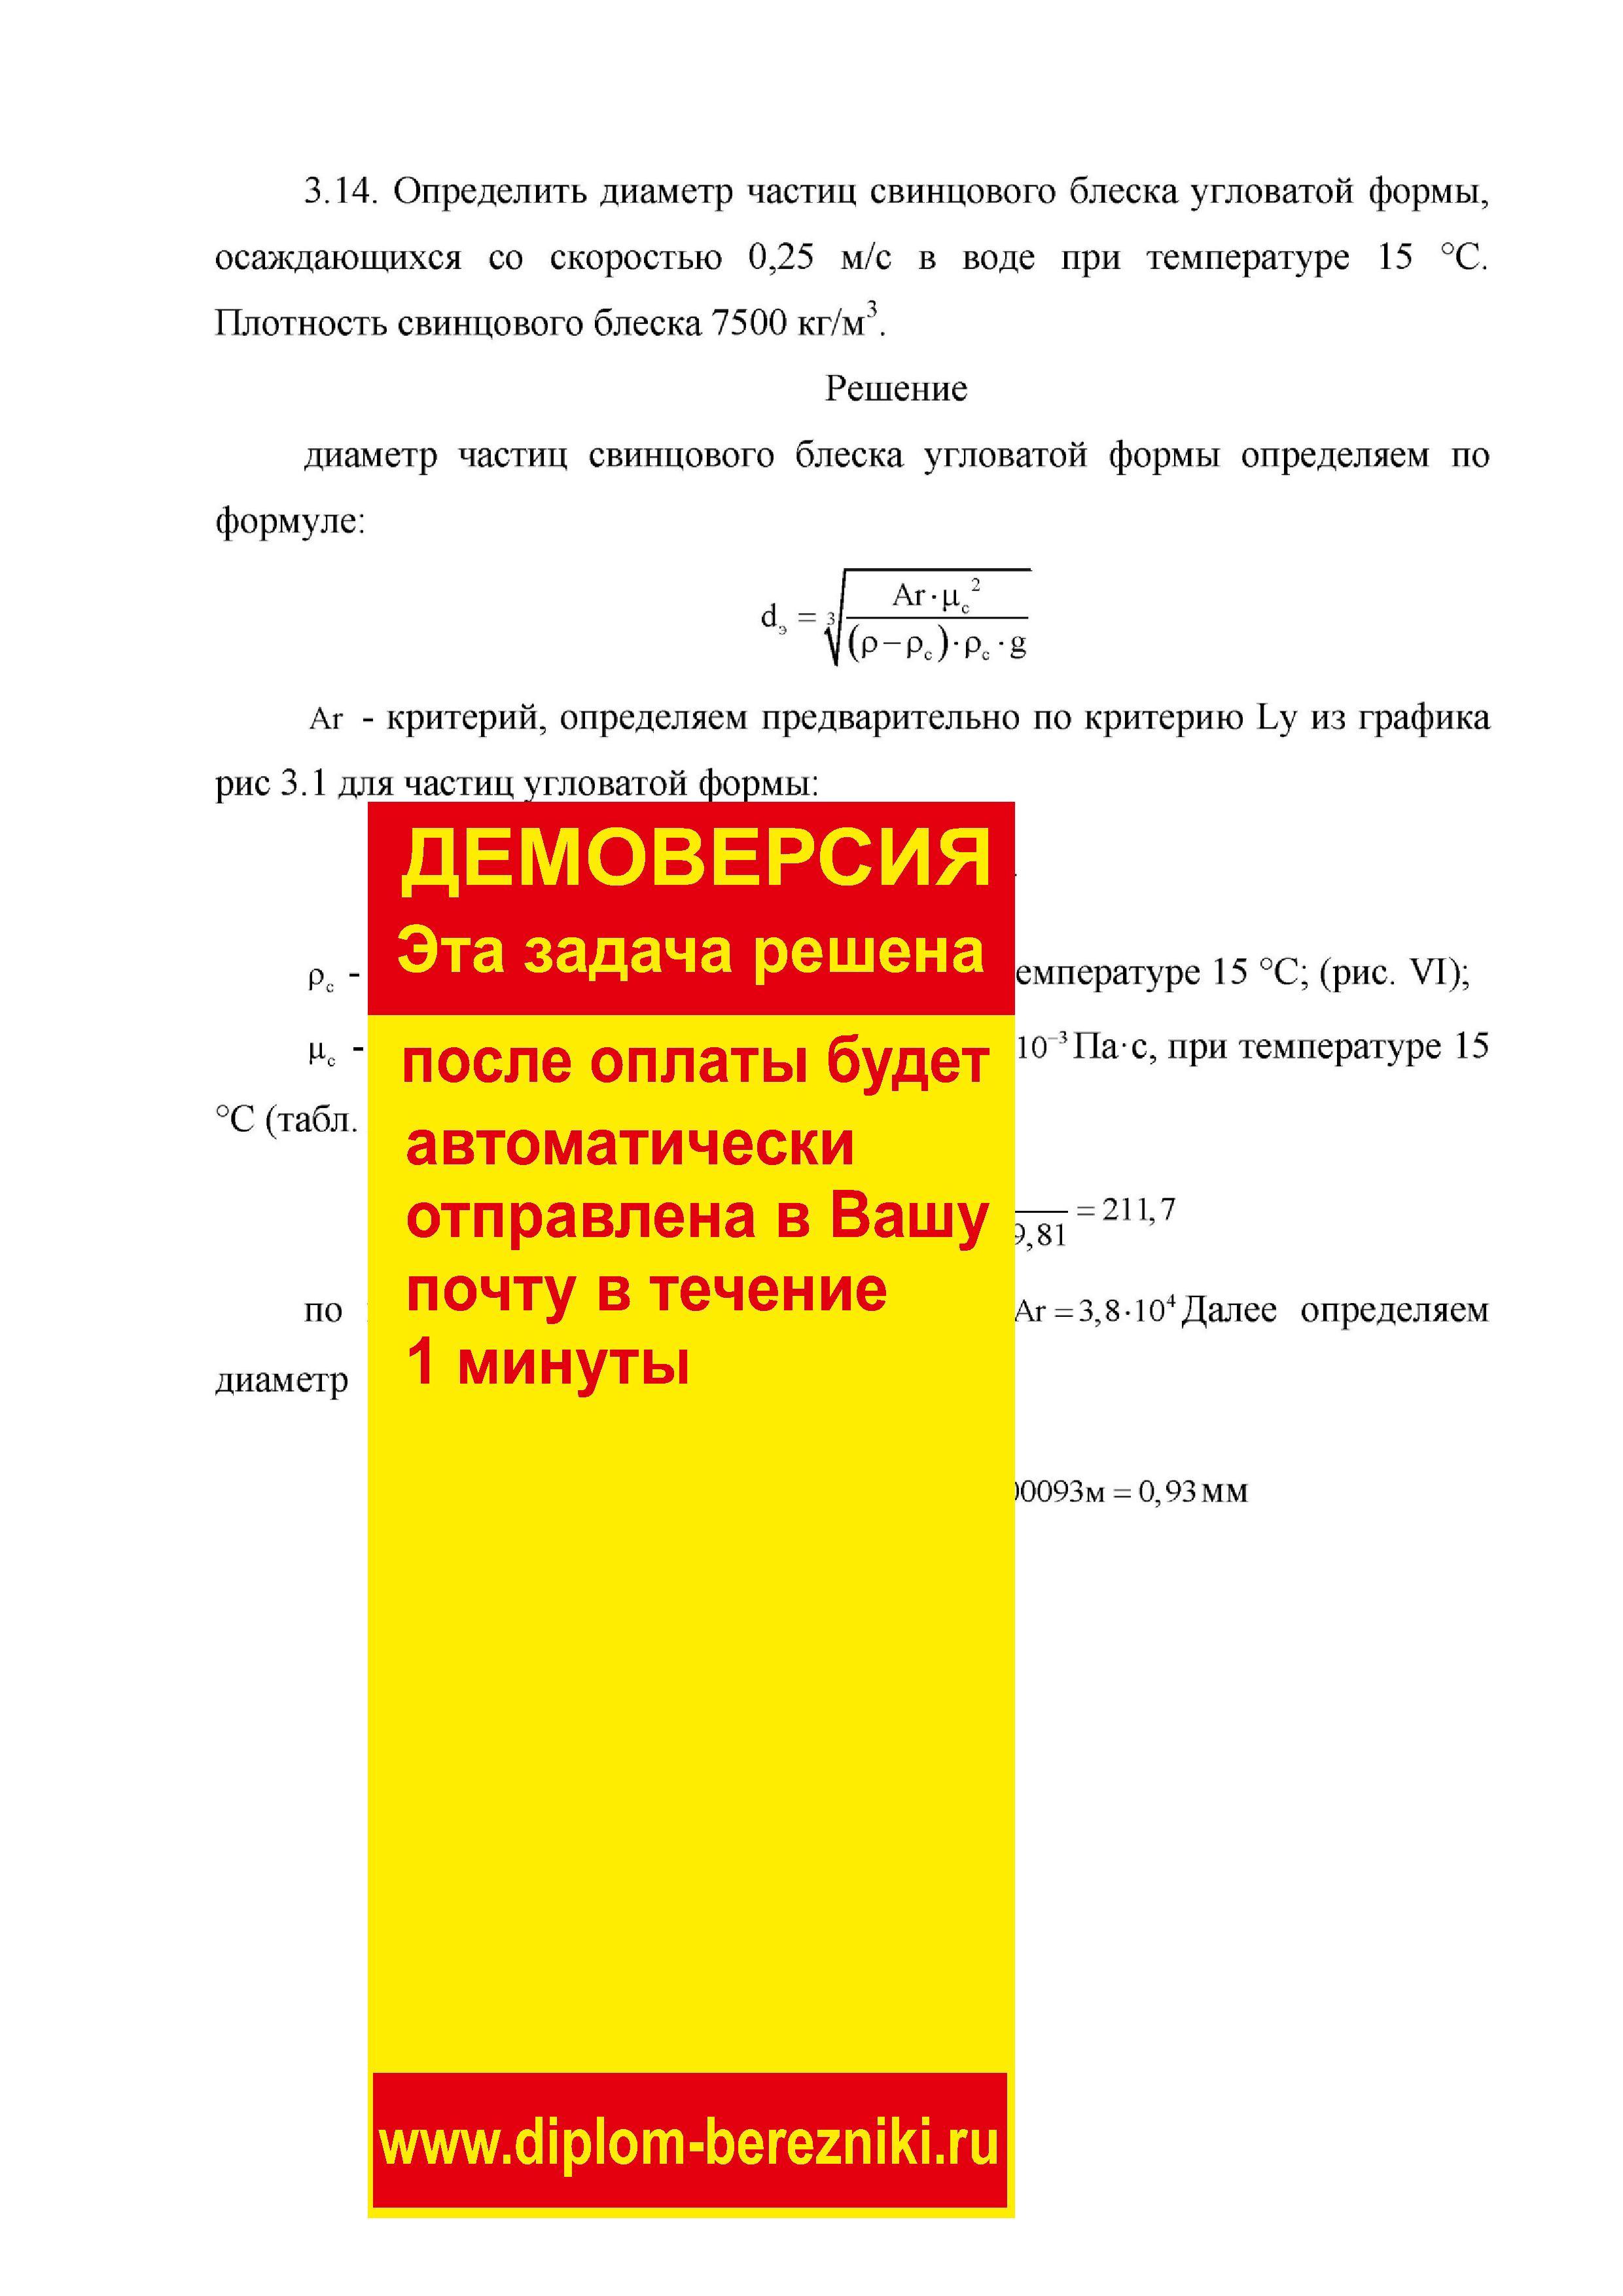 Решение задачи 3.14 по ПАХТ из задачника Павлова Романкова Носкова